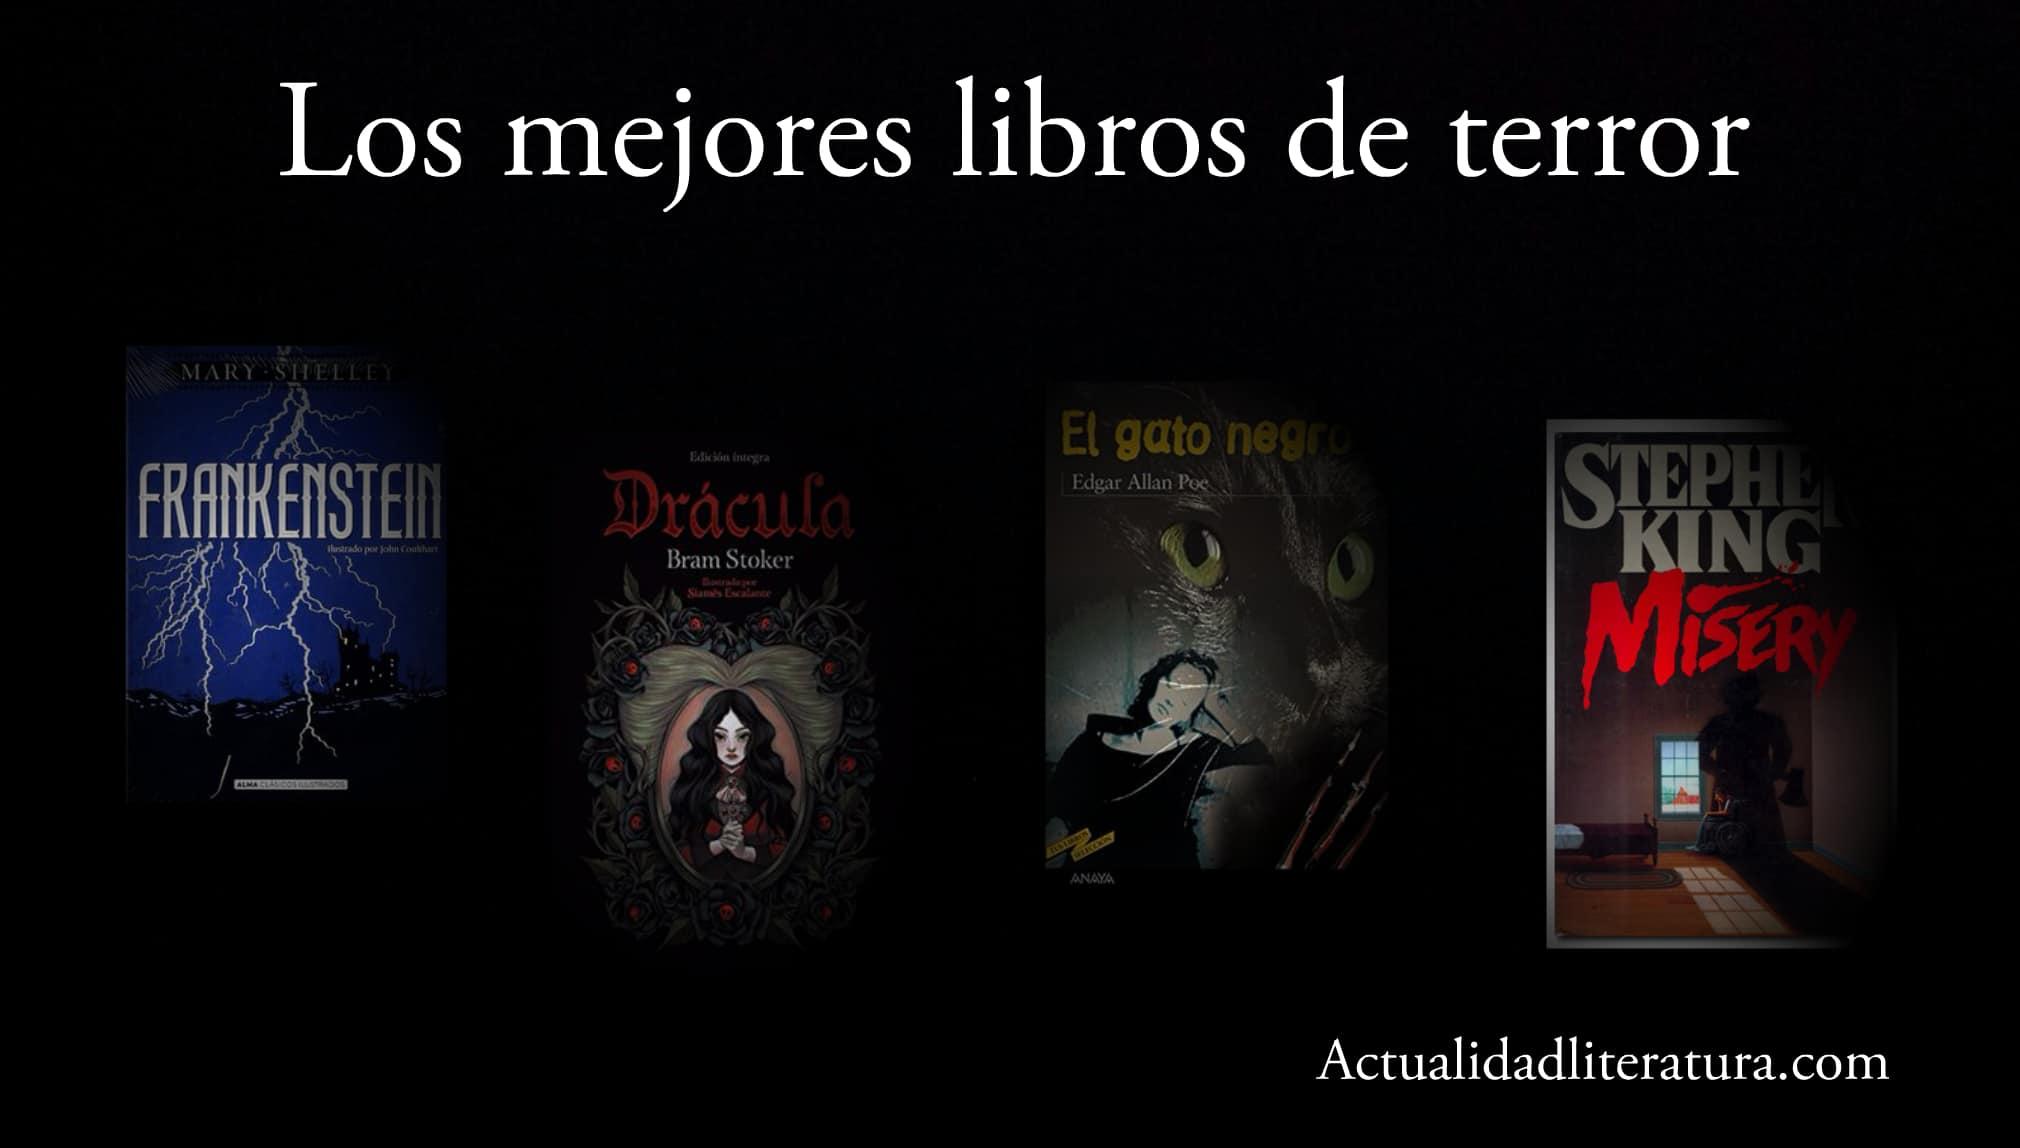 Los mejores libros de terror.